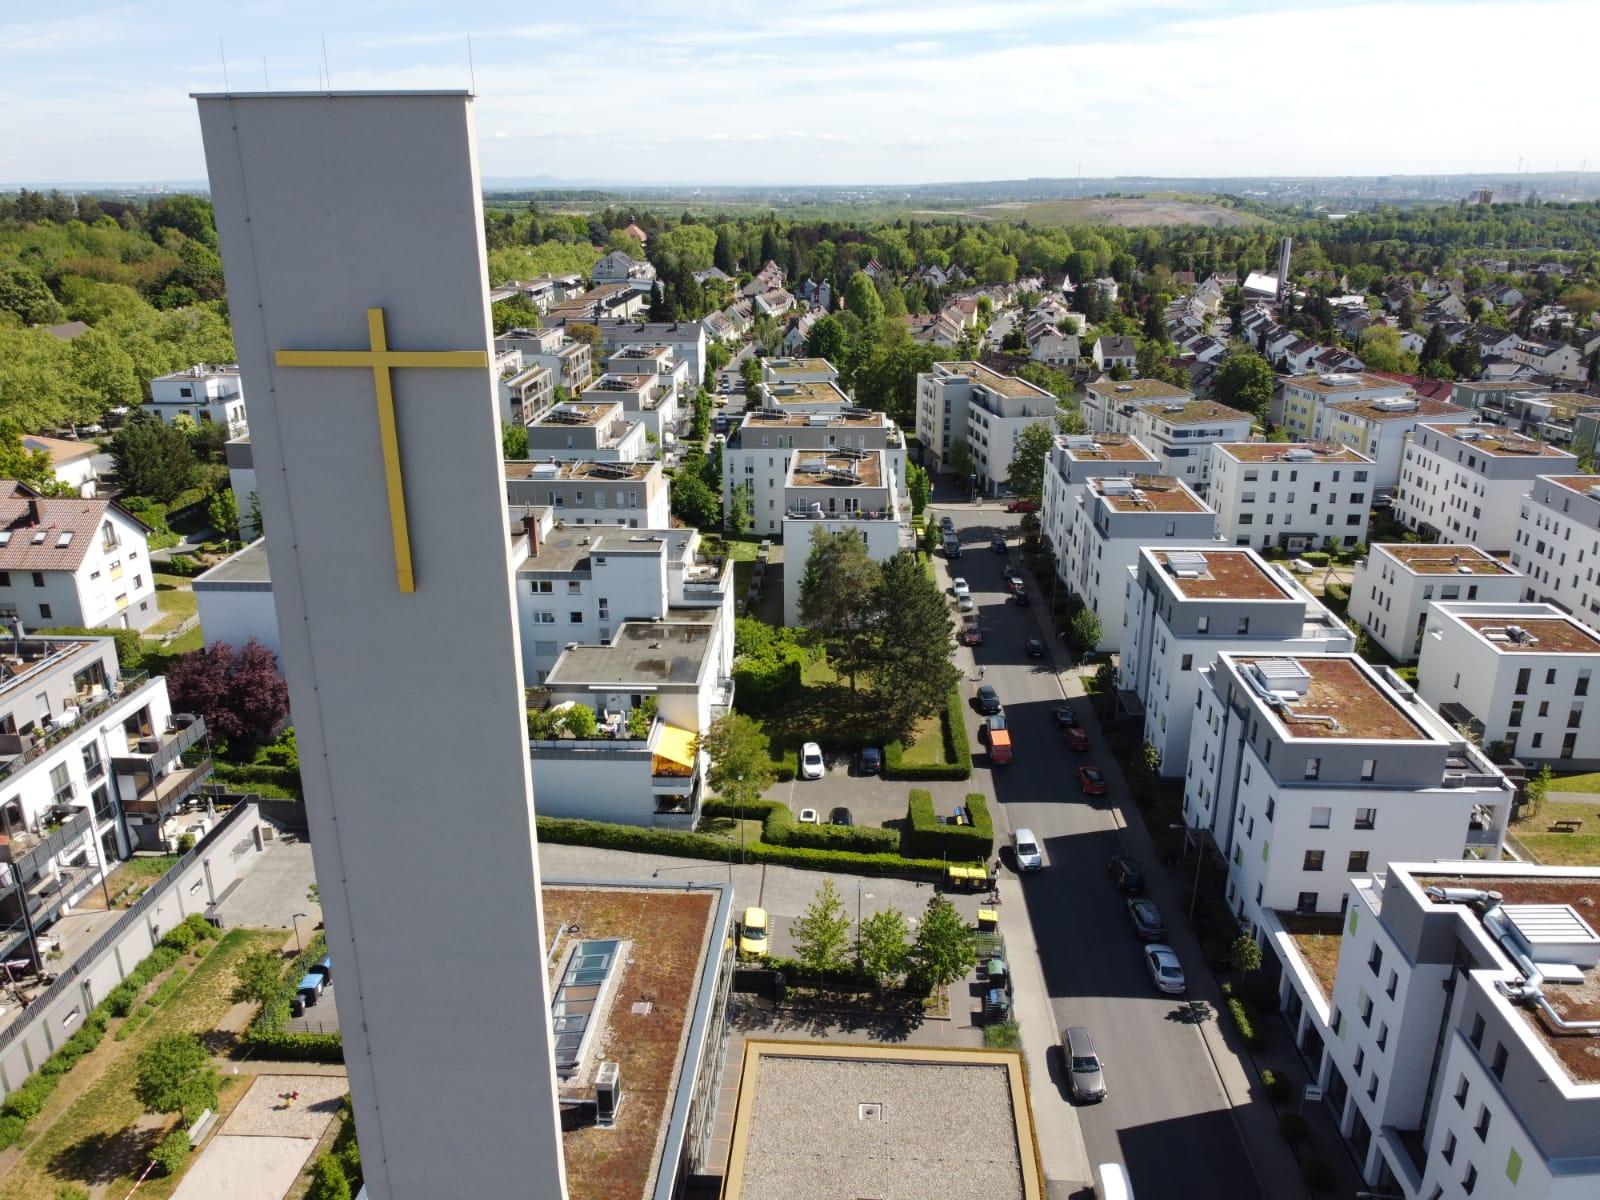 Luftbild des Kirchturms der Evangelischen Johanneskirche mit Bilck auf den Weidenborn